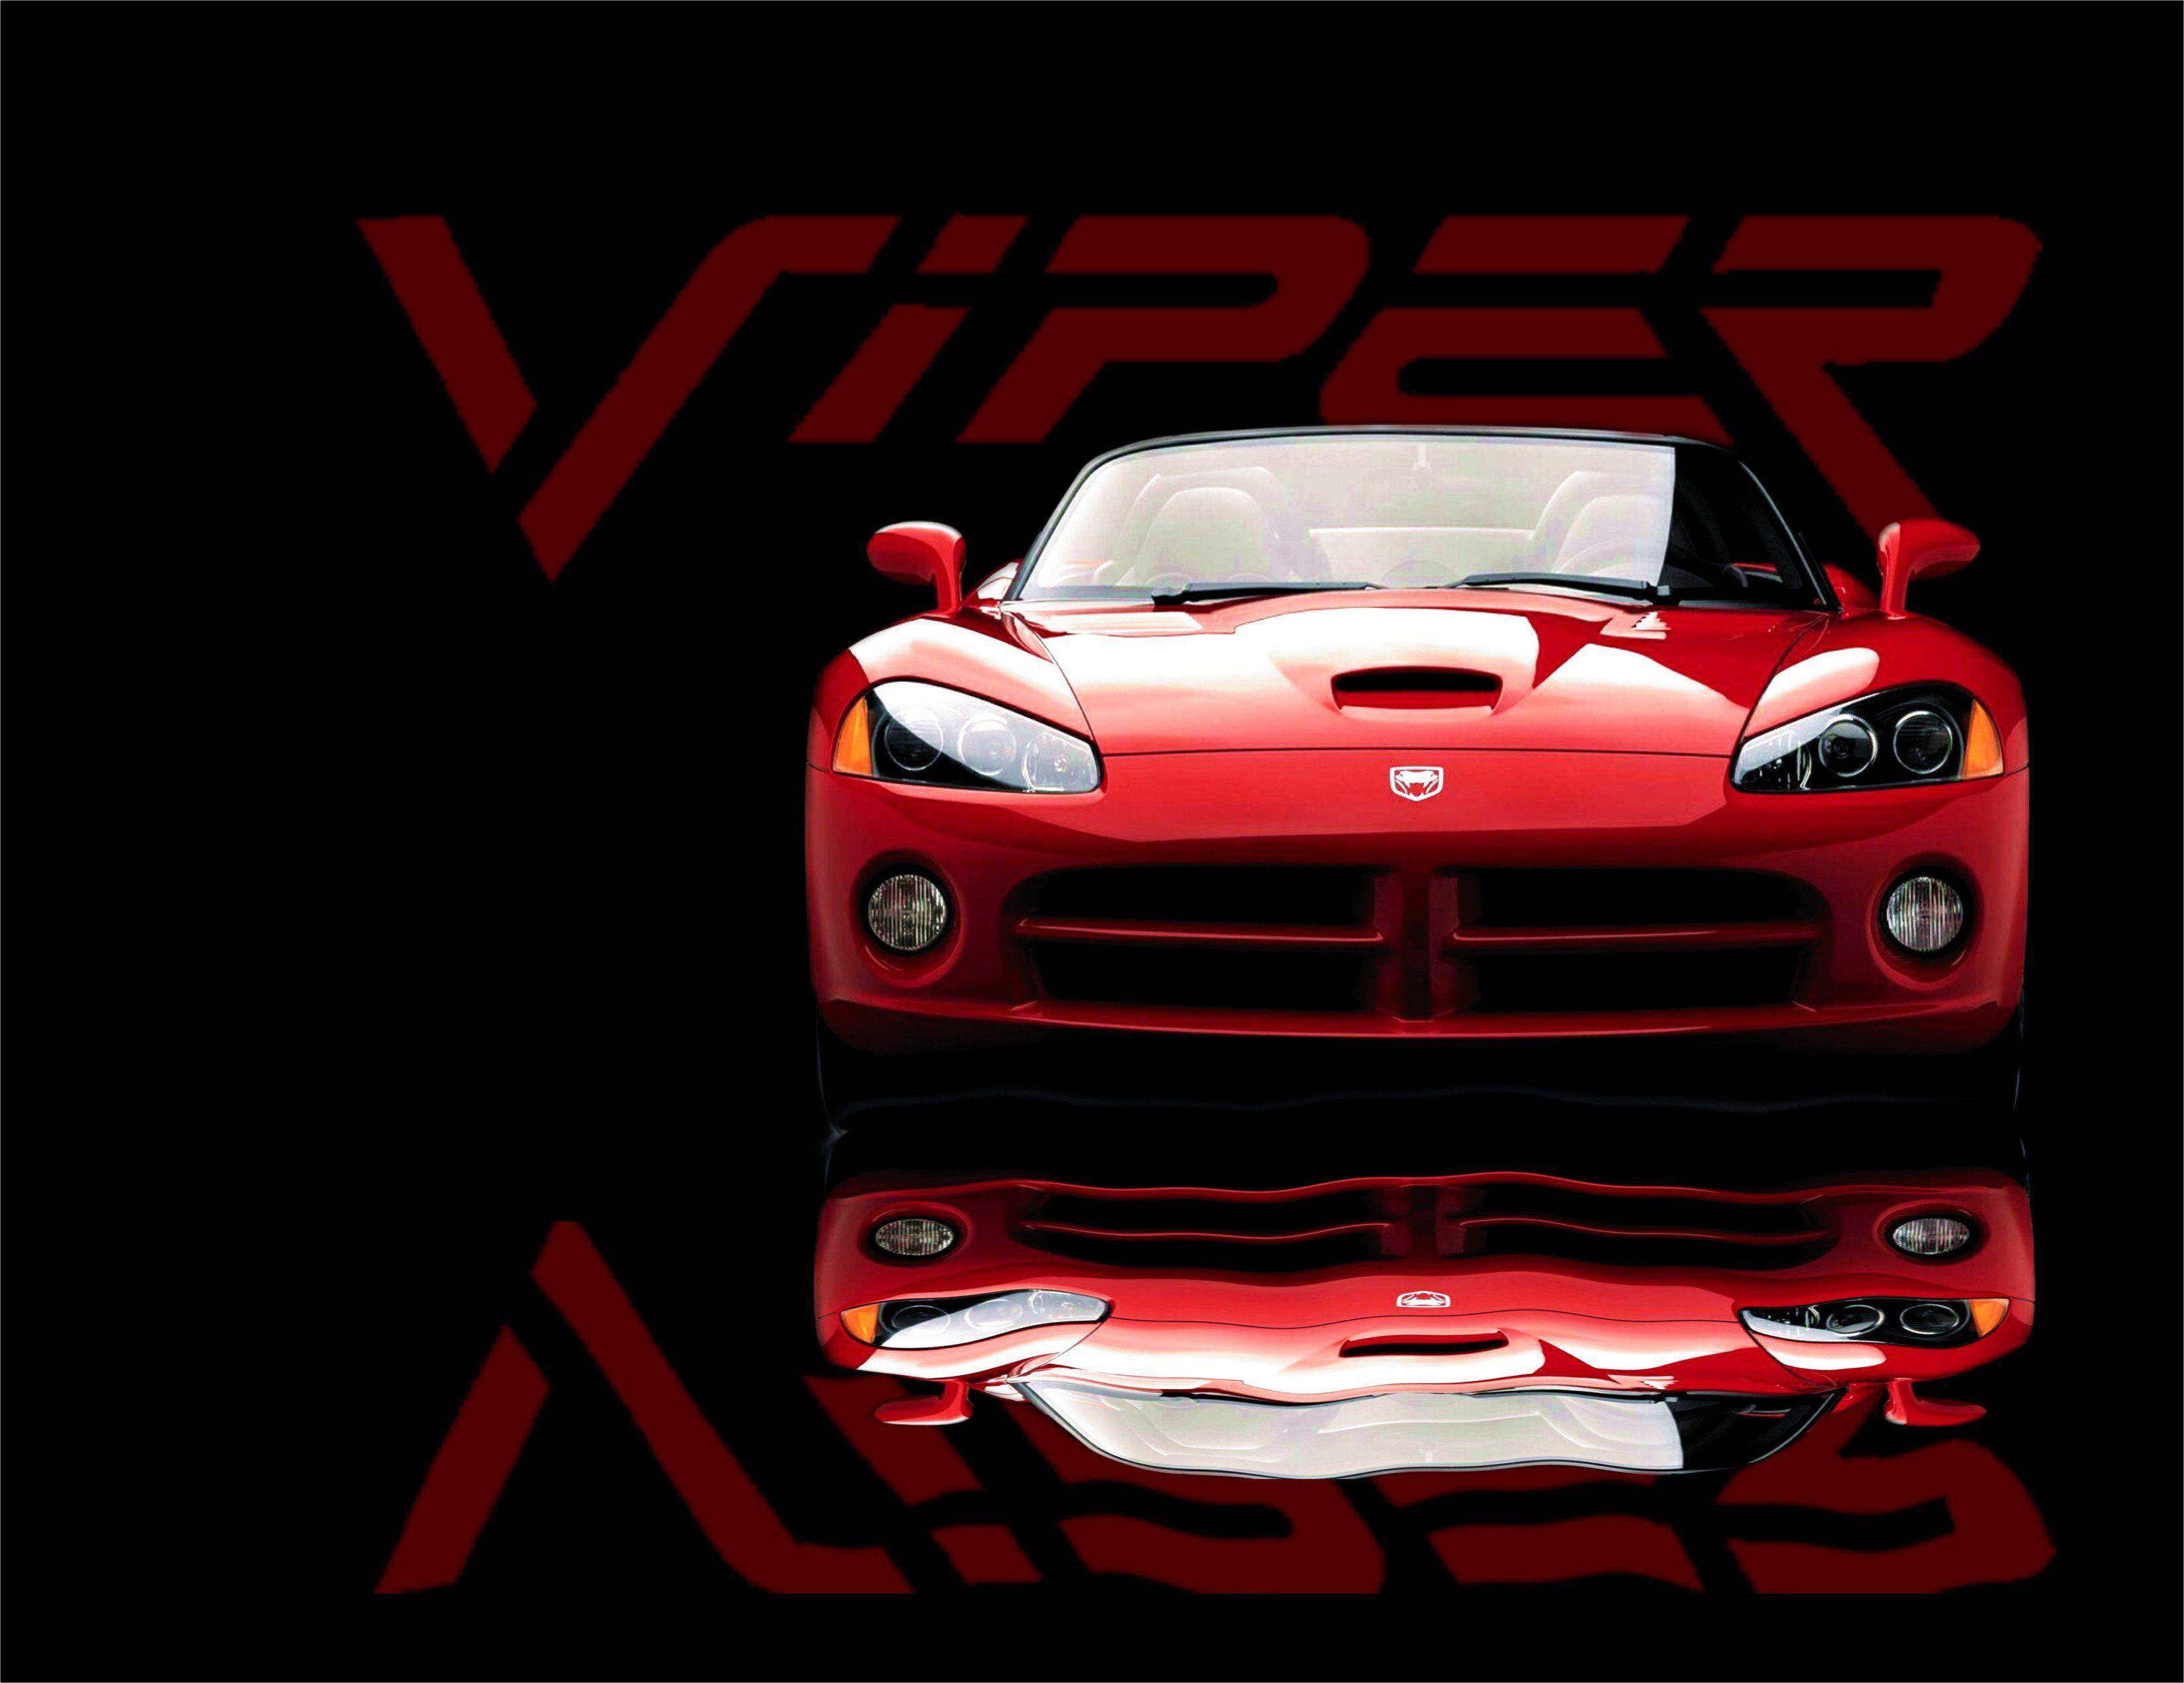 viper logo wallpaper - photo #29